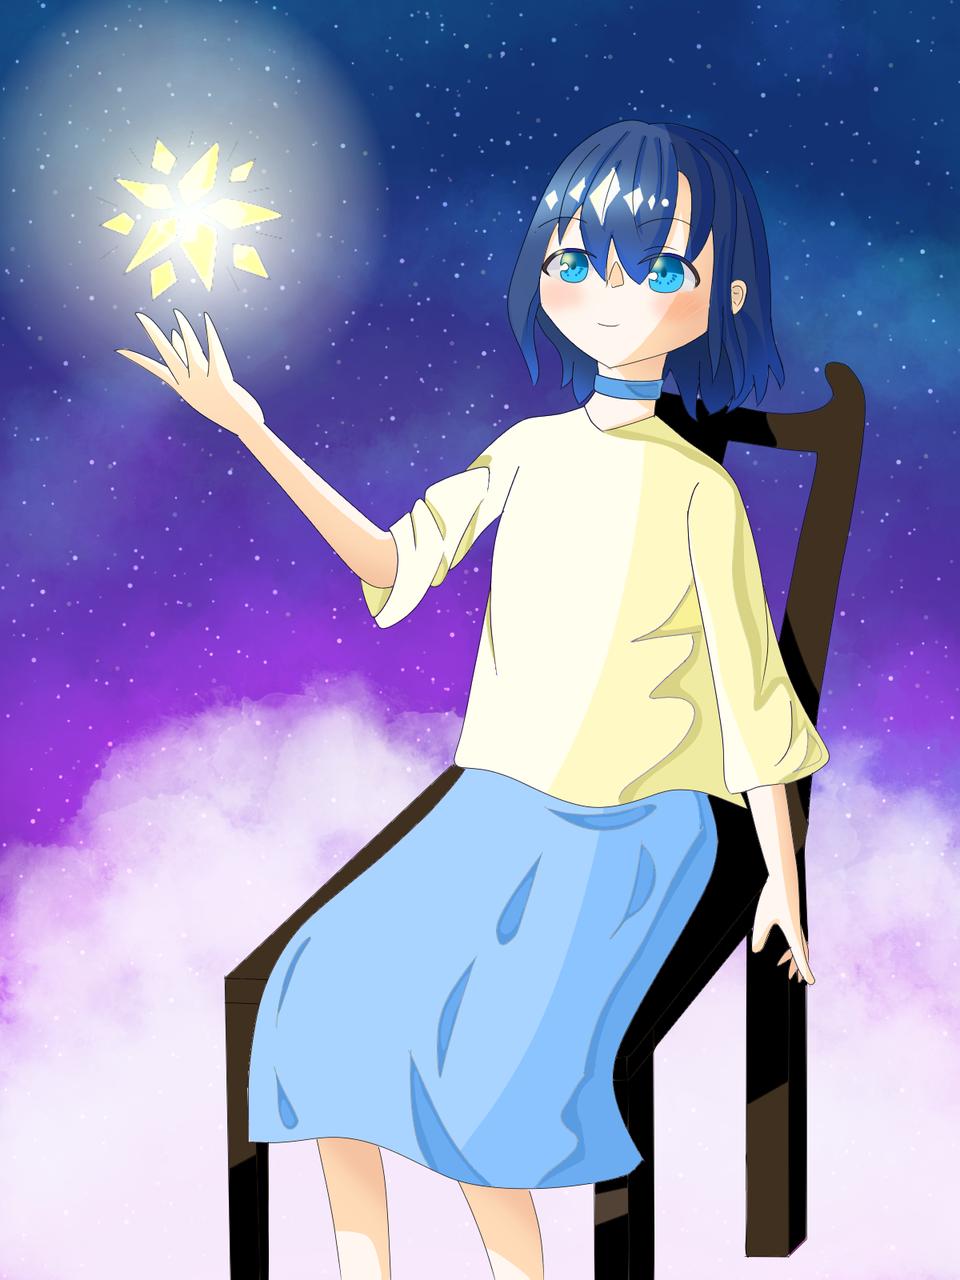 ☆ Illust of rin*#お味噌汁崇拝 夜空 girl skirt star oc starry_sky 椅子 clouds